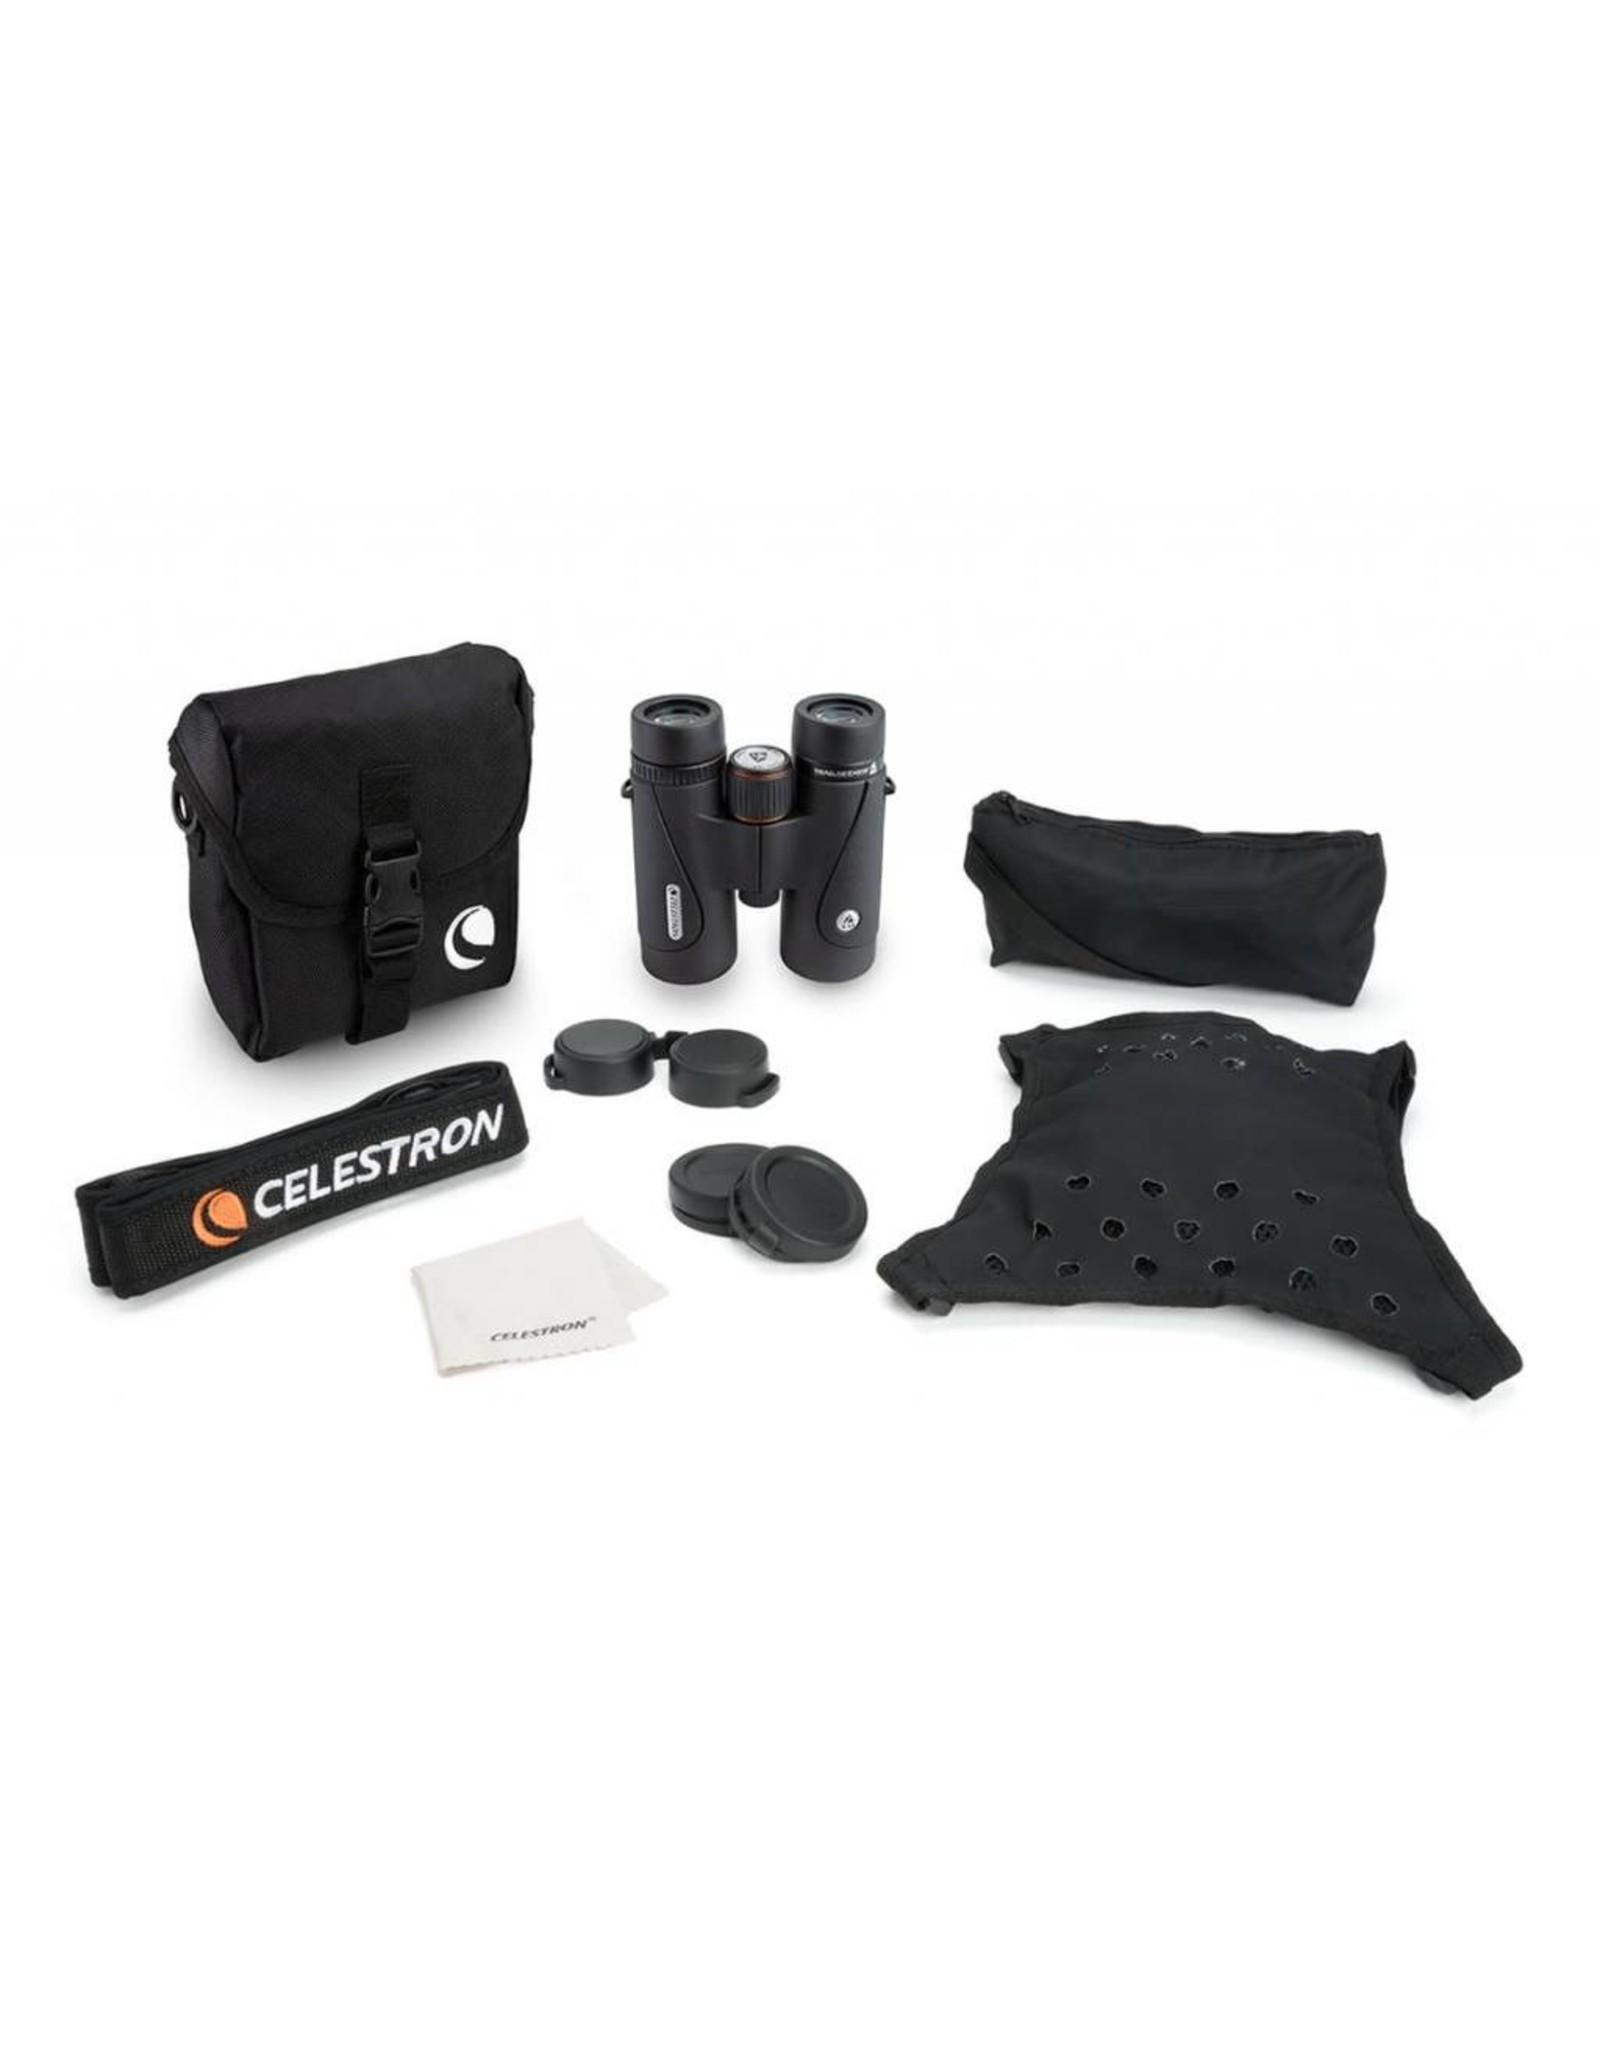 Celestron Celestron TrailSeeker ED 10x42 Binoculars